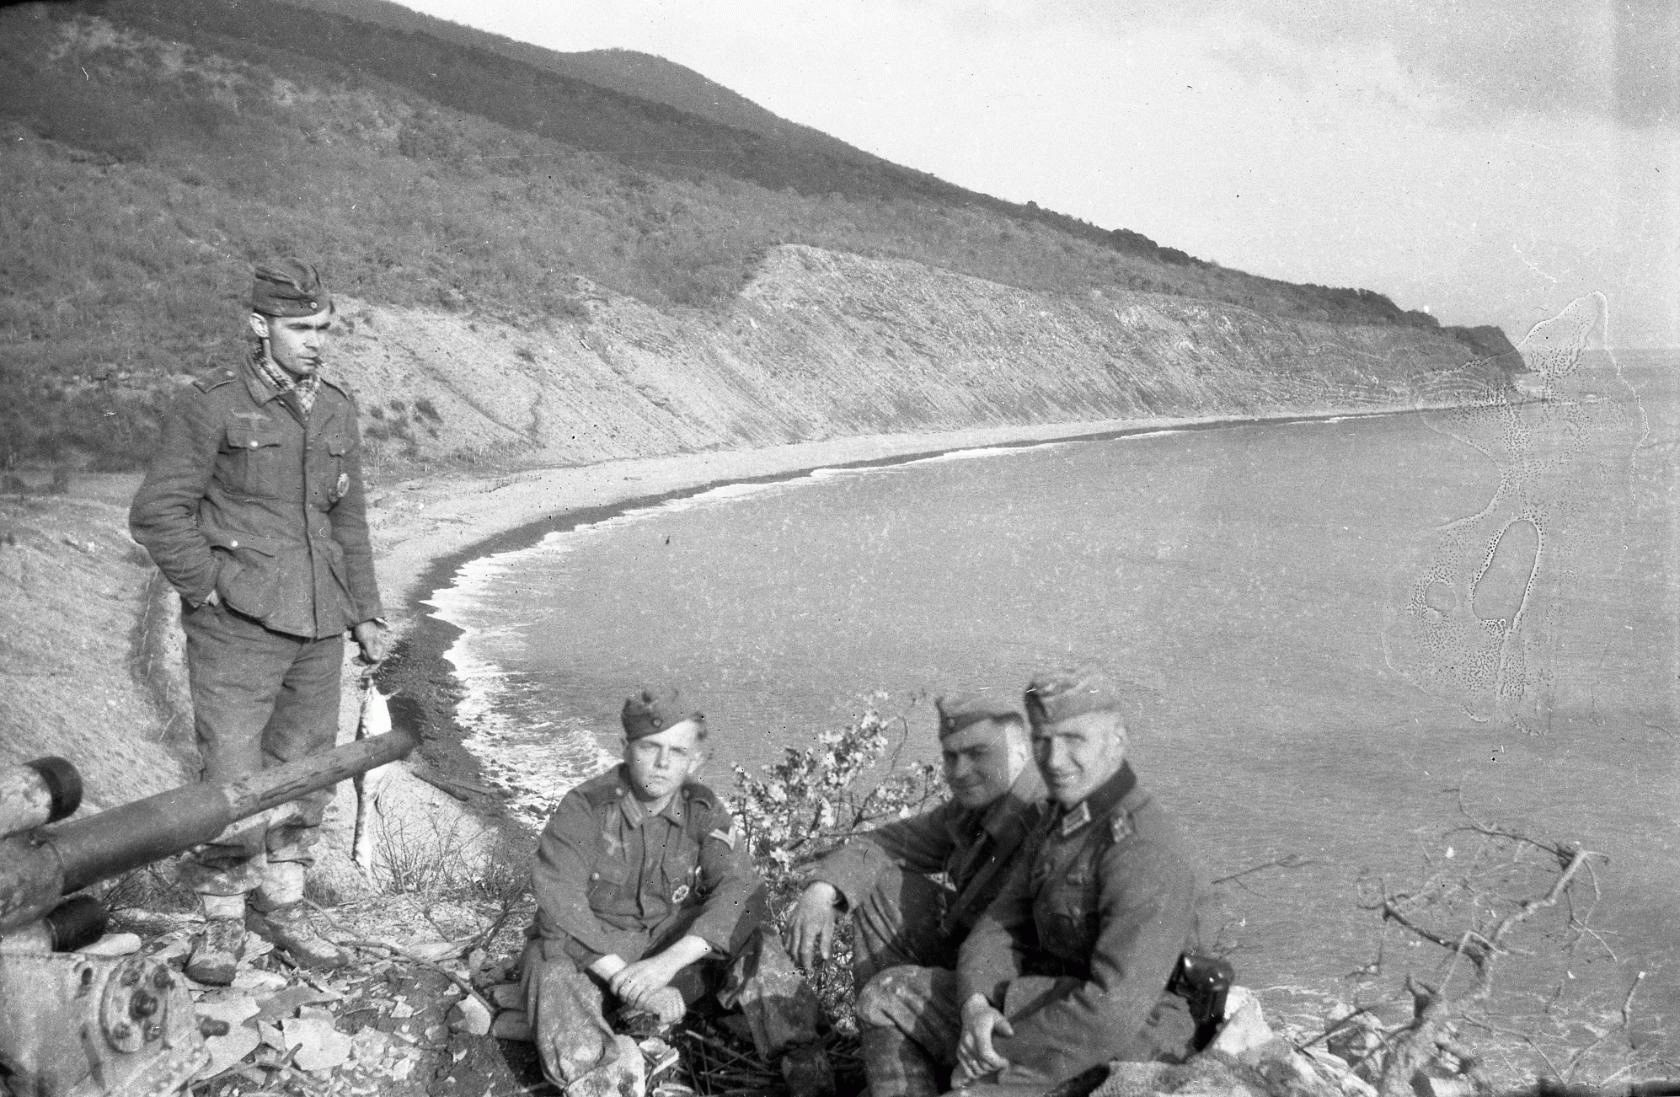 Немецкик солдаты рядом с Анапой в ВОВ